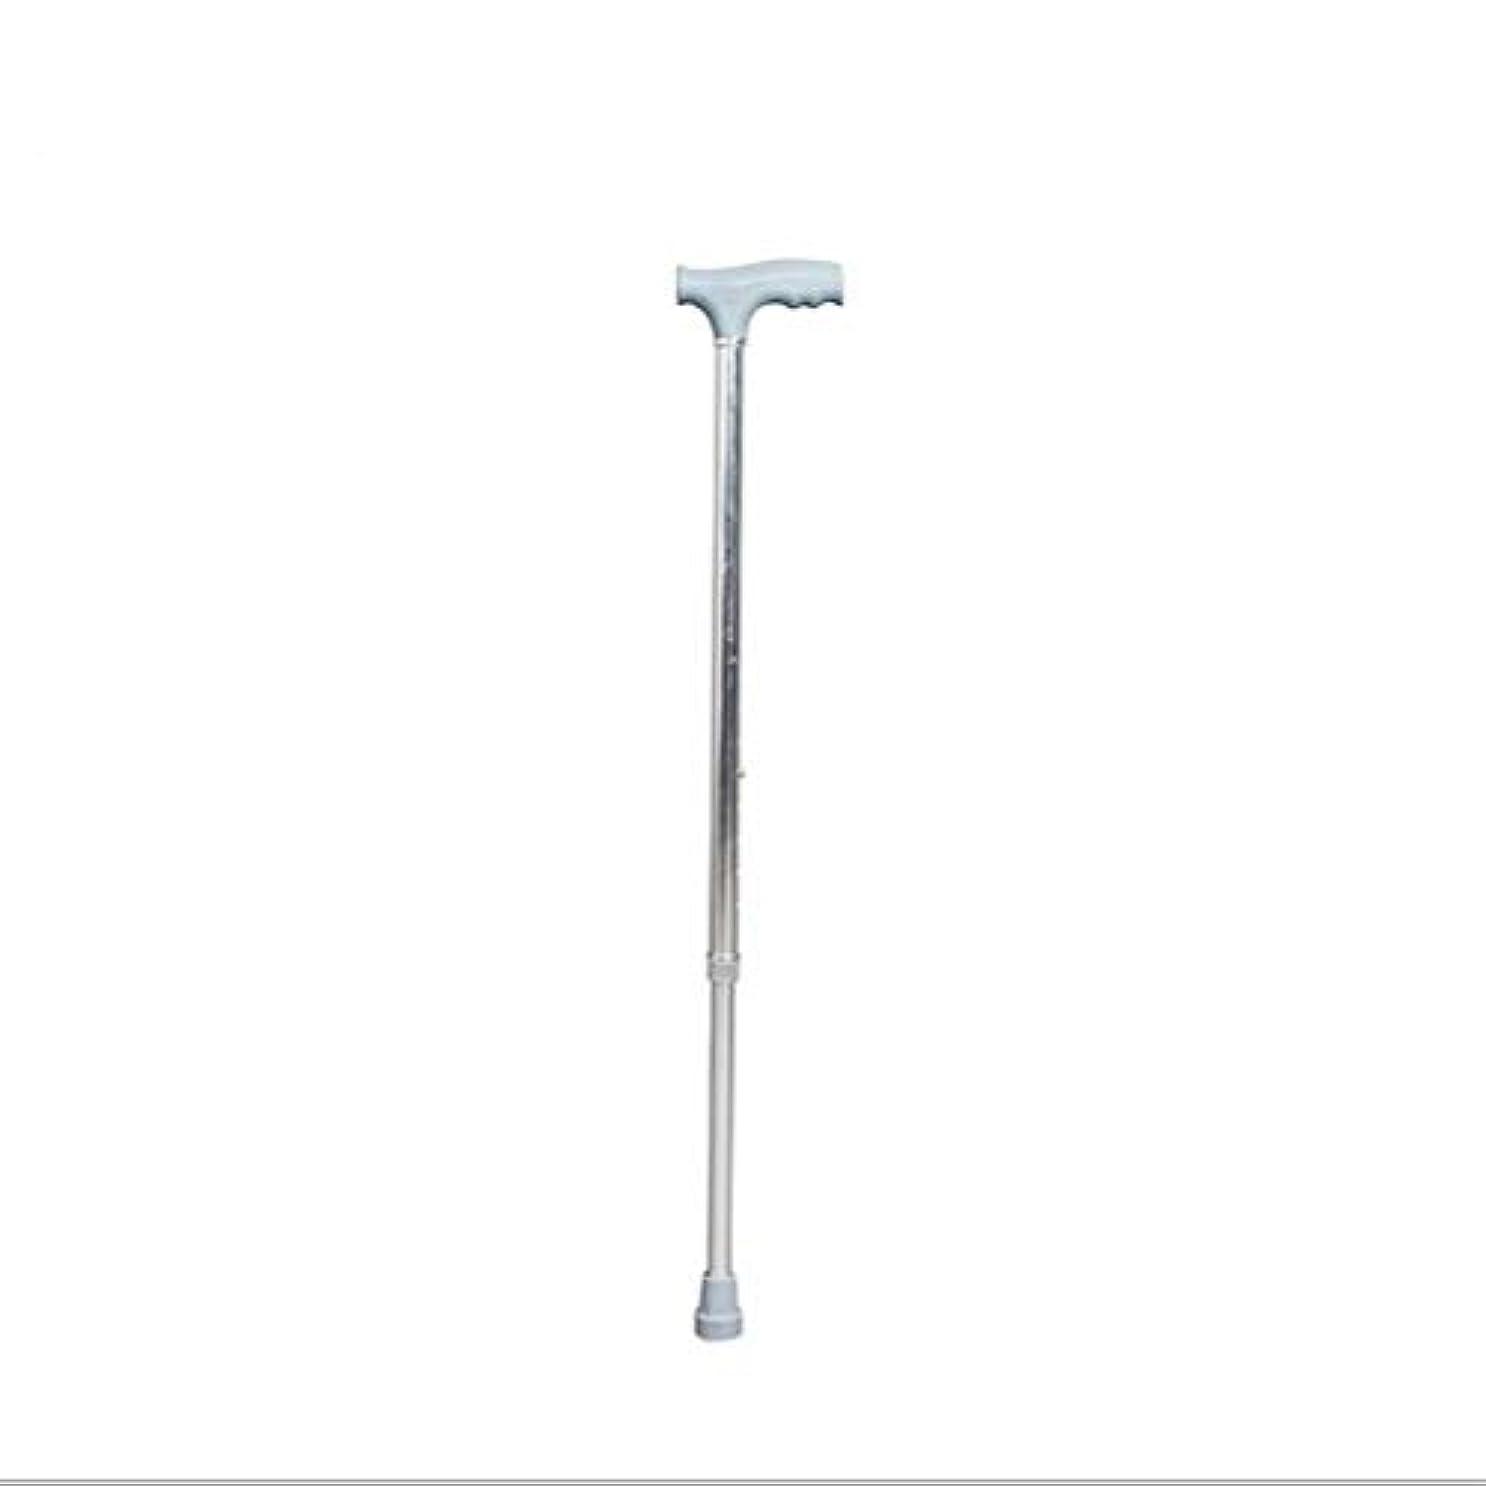 根絶する官僚欠如高さ調節可能な滑り止めアルミニウム合金松葉杖